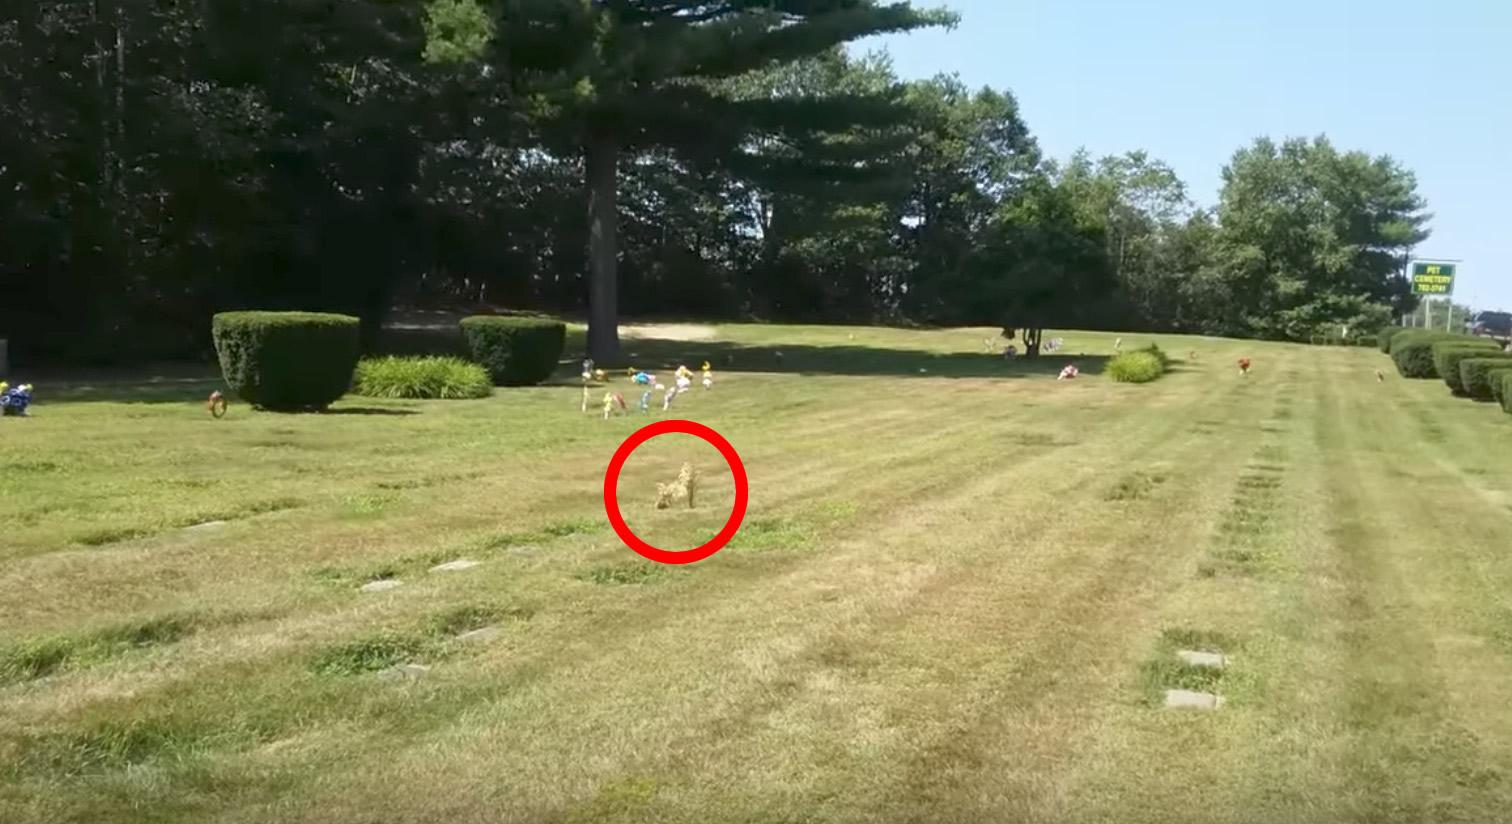 【奇跡】亡くなった愛犬の墓の上に「犬」の姿が!近づいてみてその正体にびっくり